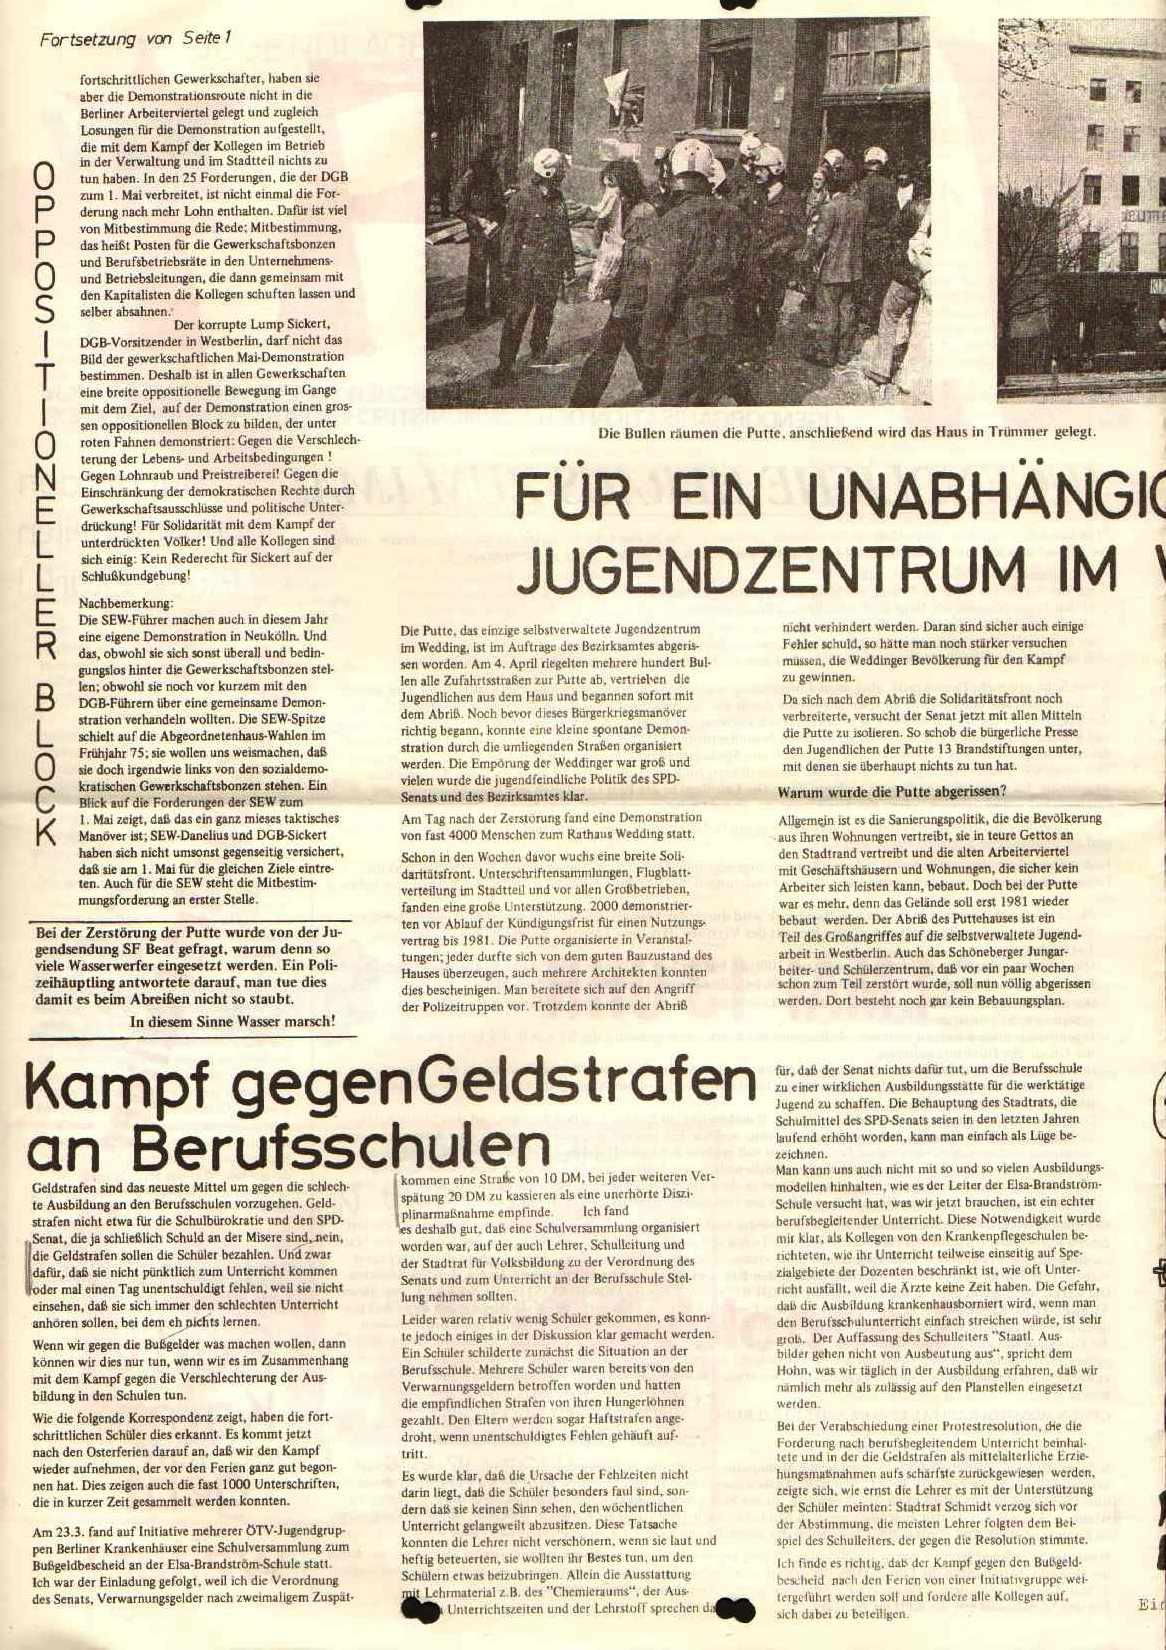 Berlin_KJV120